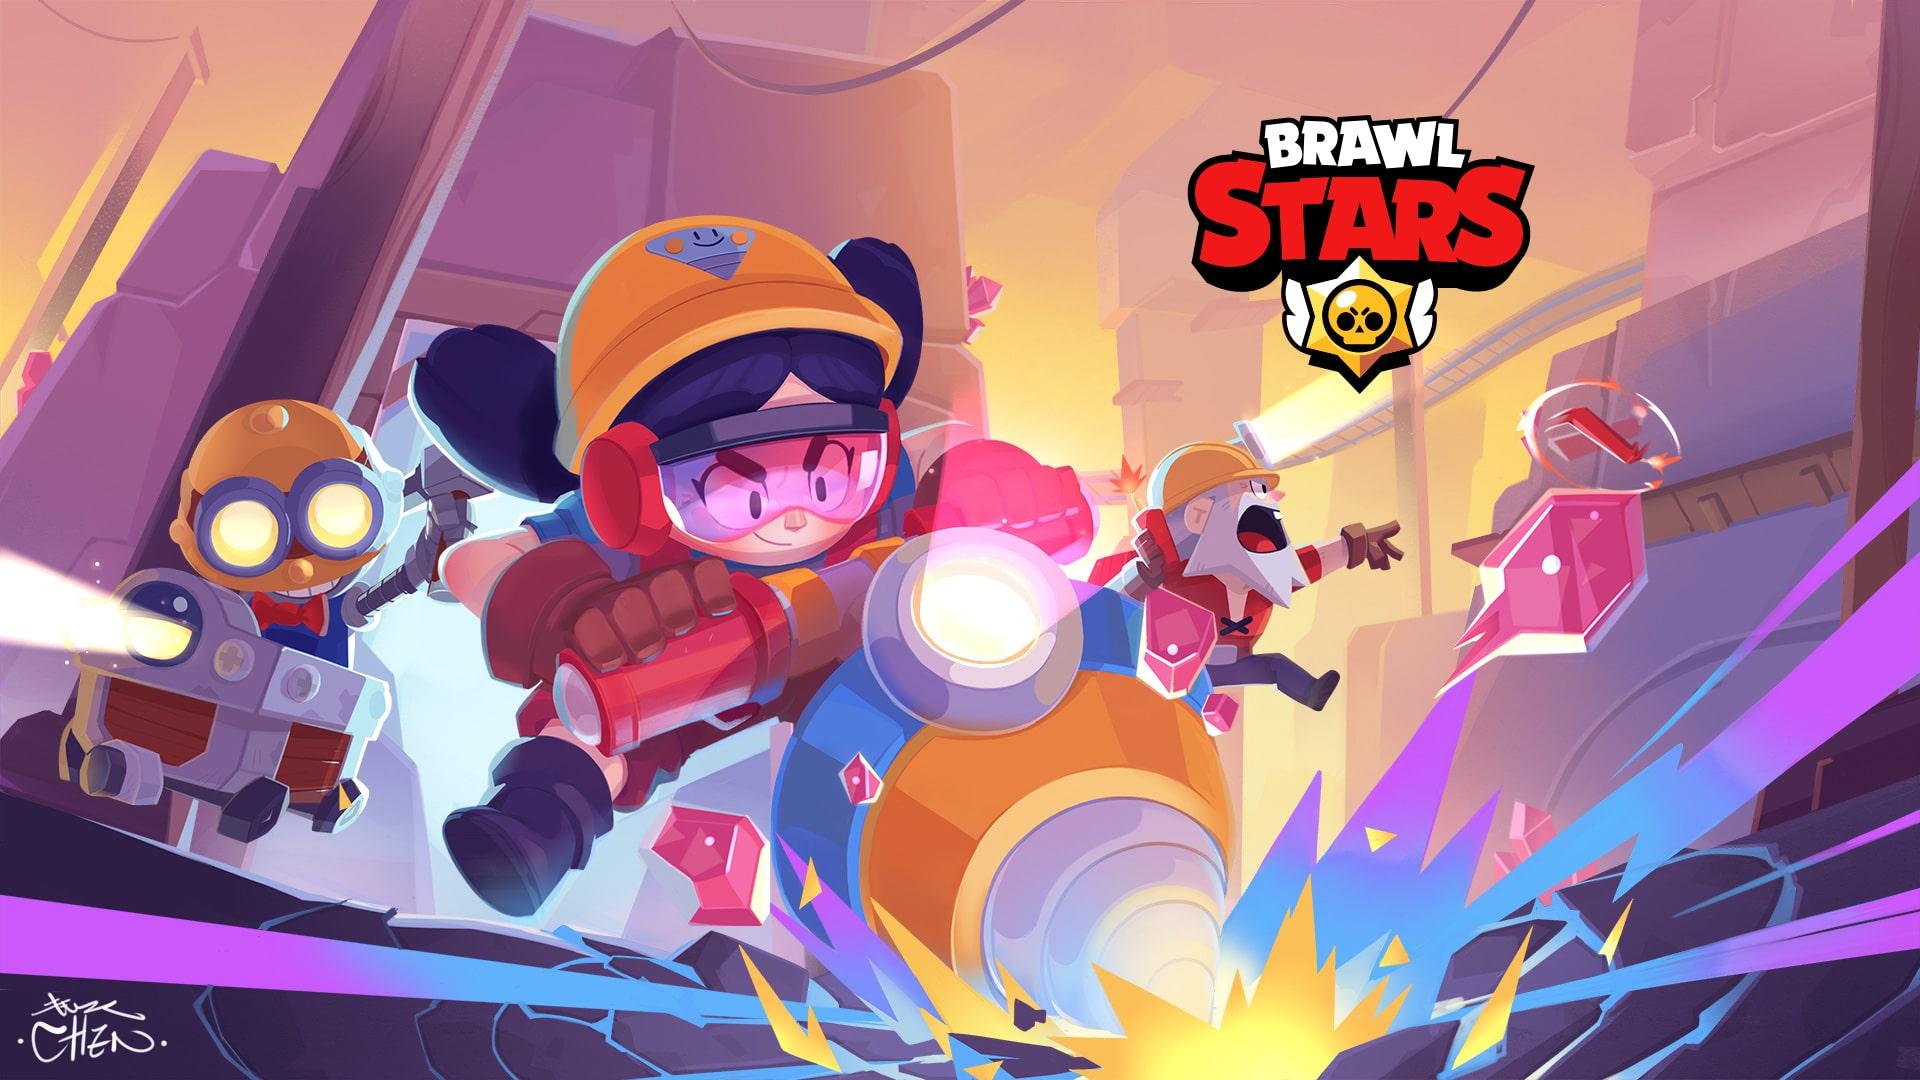 novo wallpaper de brawl stars para celular e pc  brawl